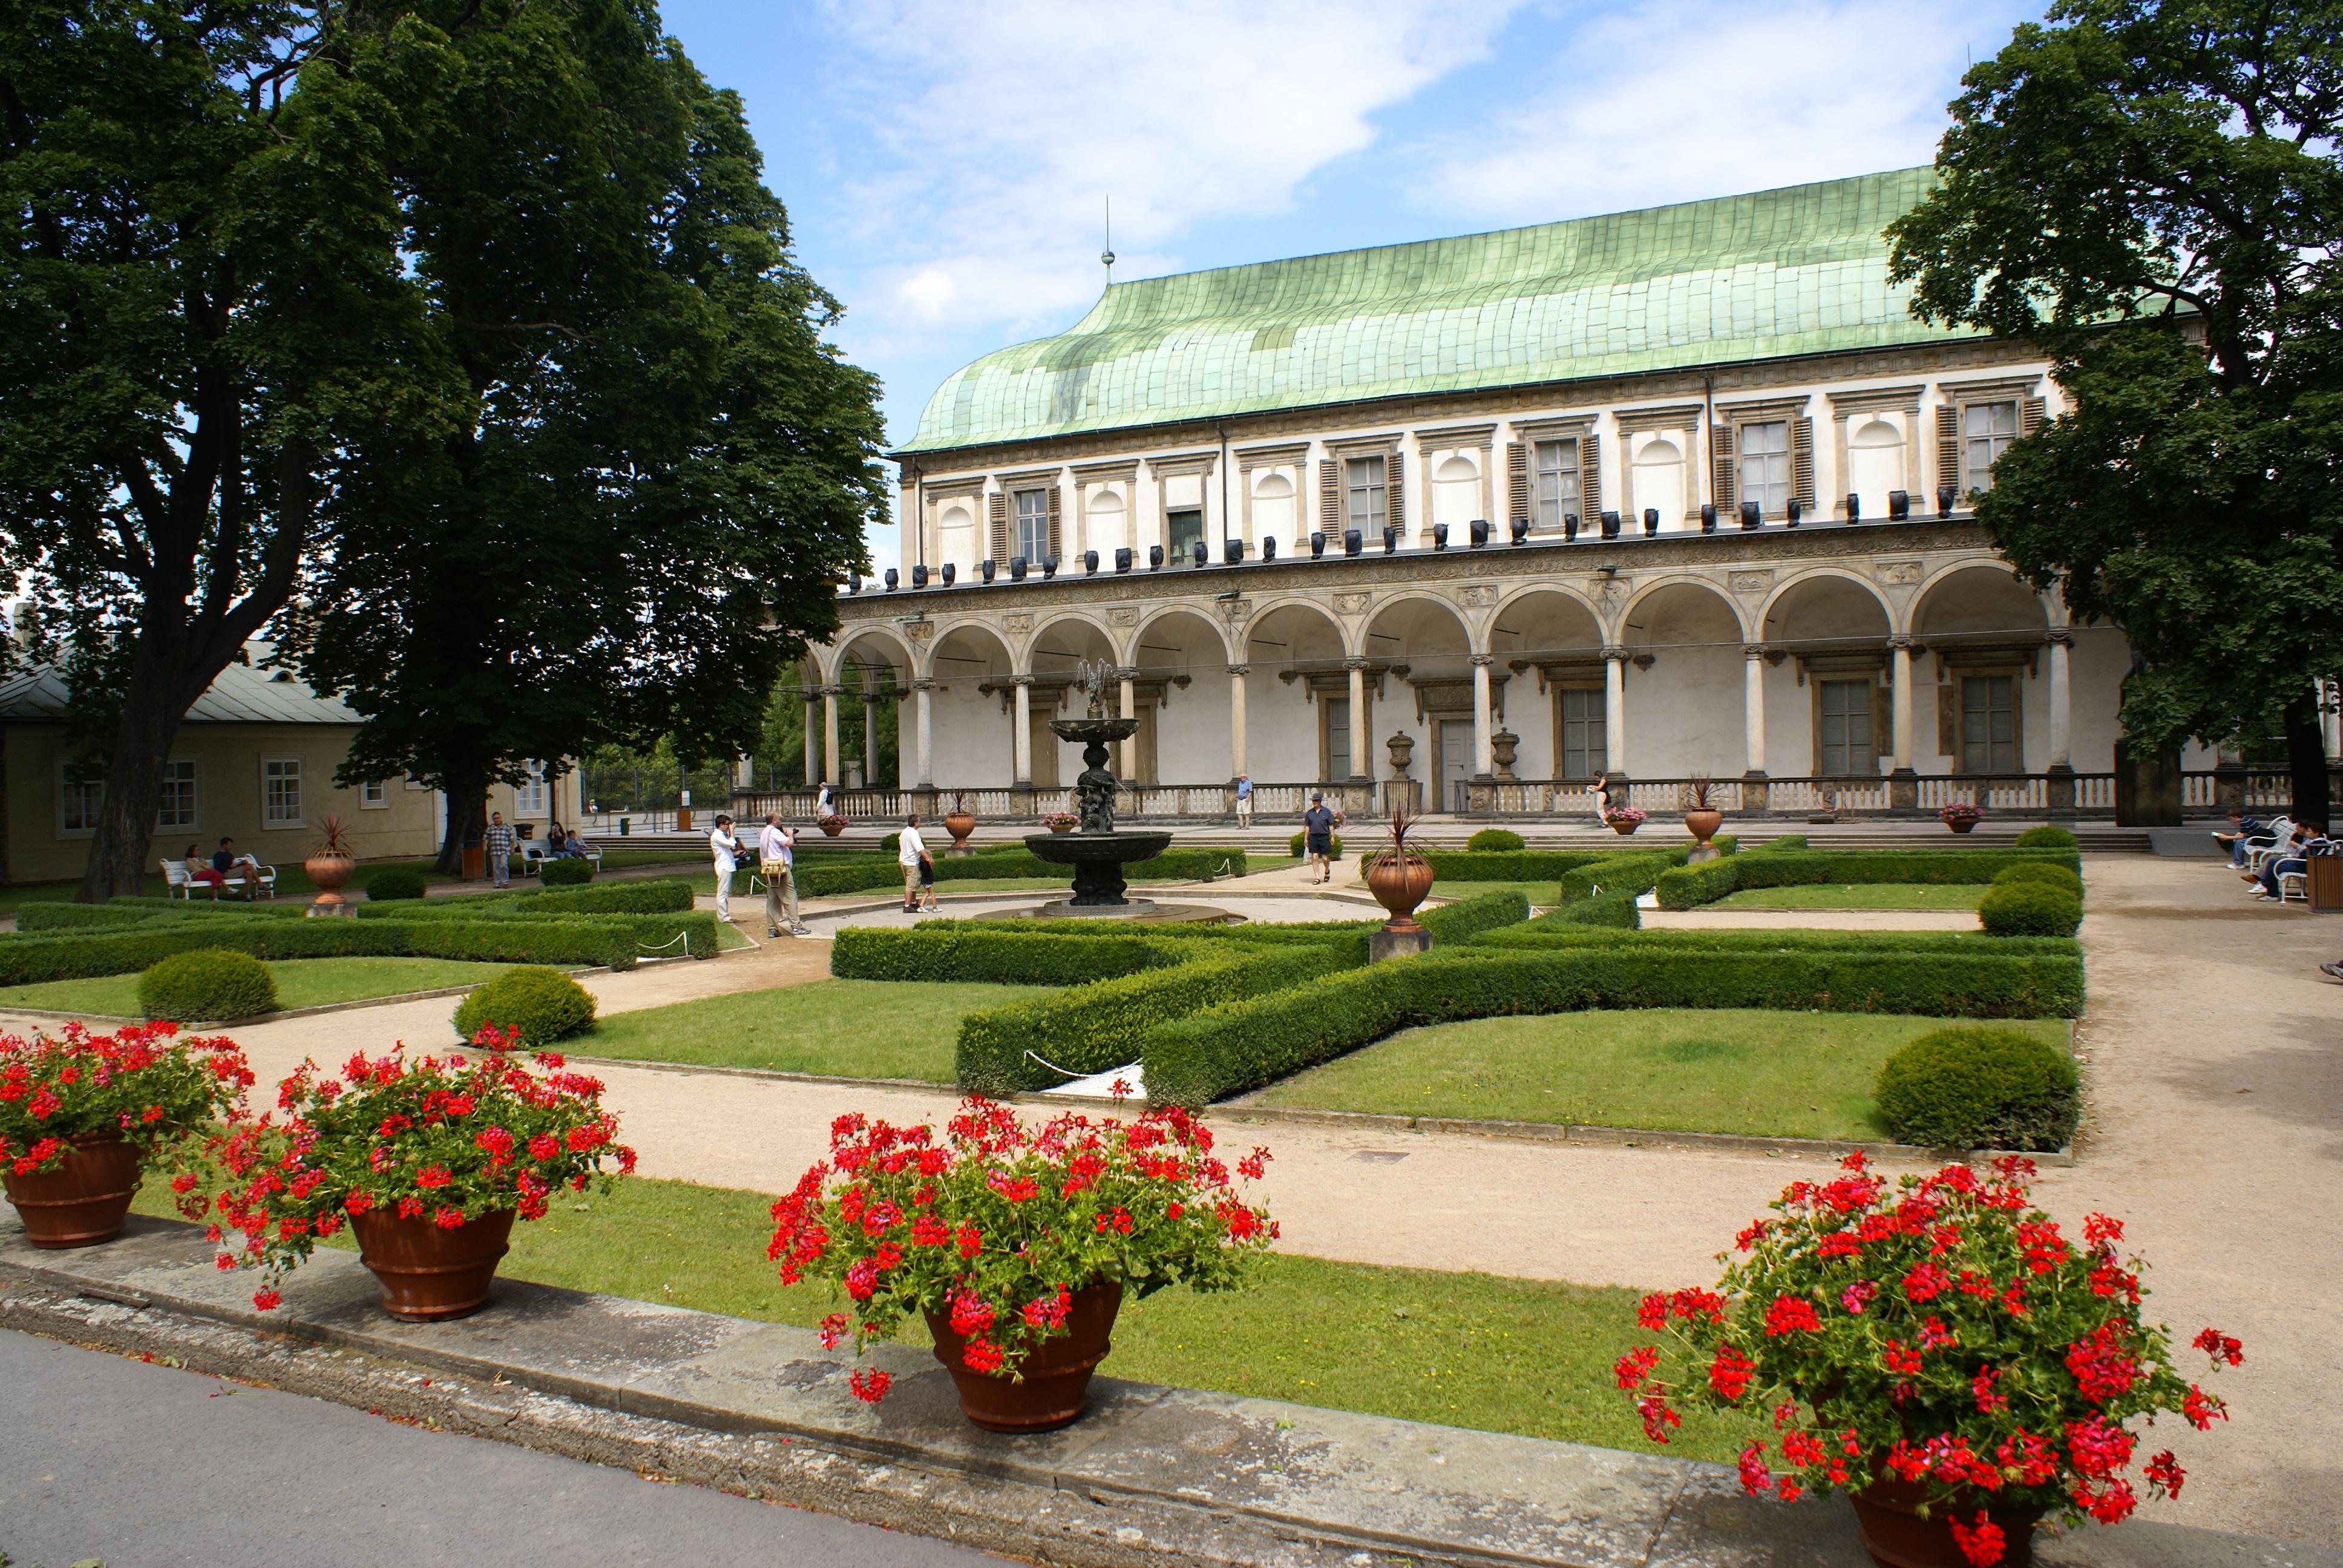 Летний дворец королевы Анны (letohrádek královny Anny) в Праге